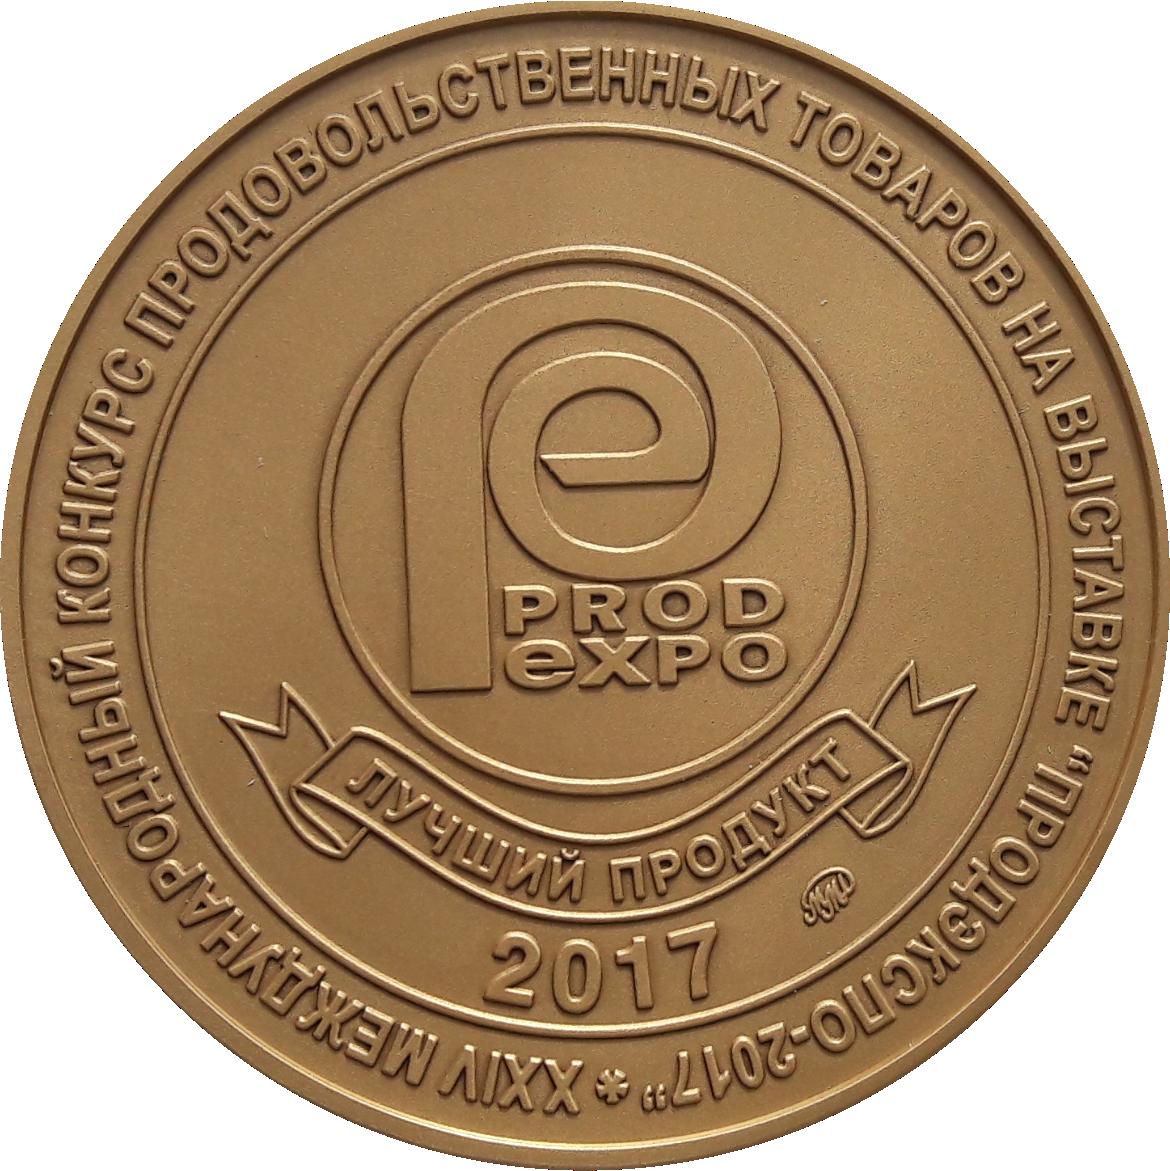 медаль продЭкспо 2017 2